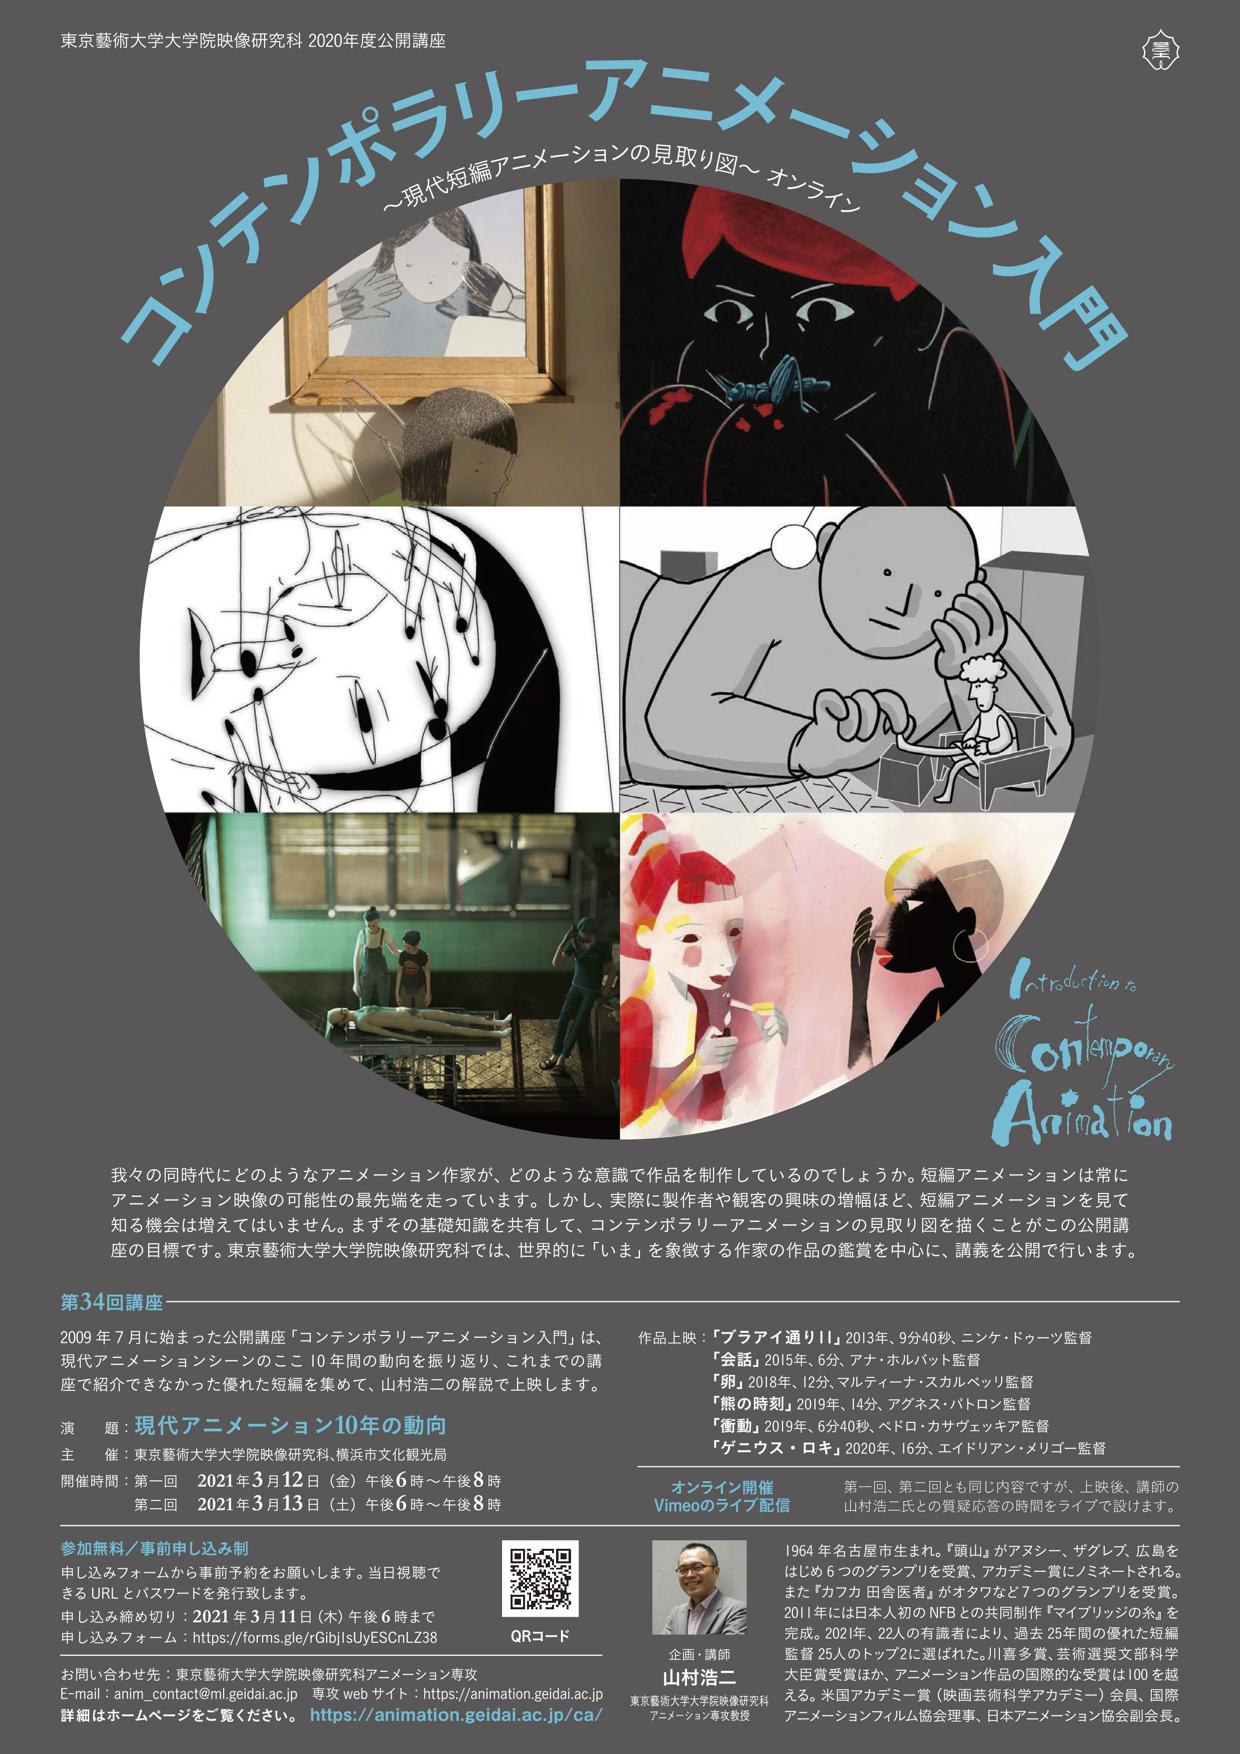 公開講座「コンテンポラリーアニメーション入門 〜現代短編アニメーションの見取り図〜 オンライン」